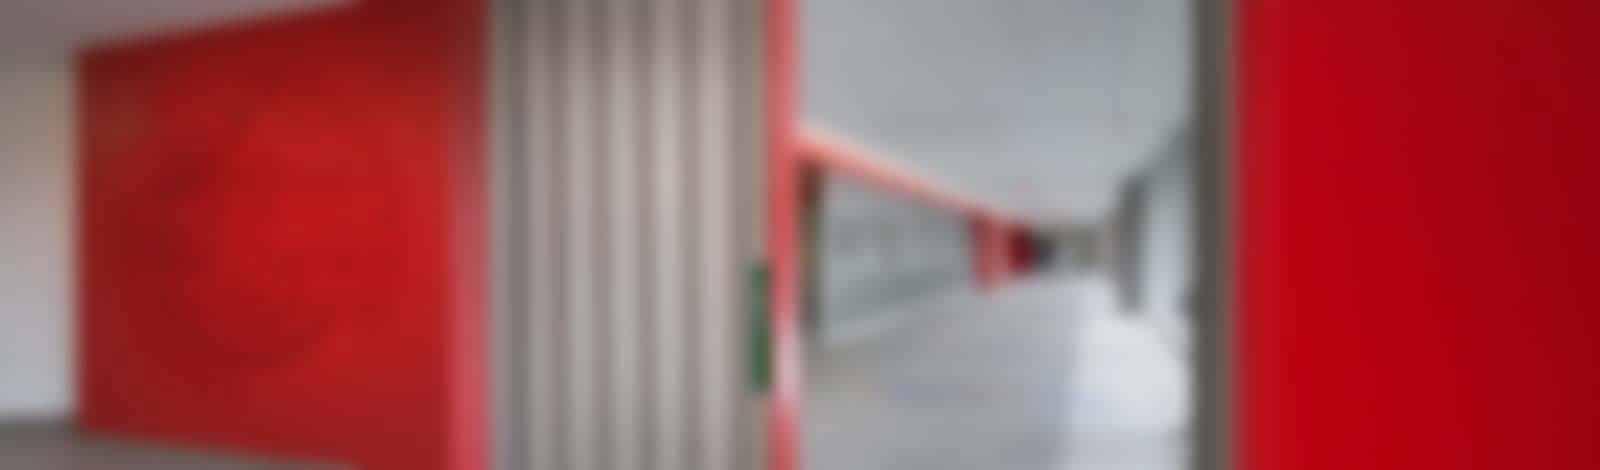 banner_v2-bkg-blur-original-view